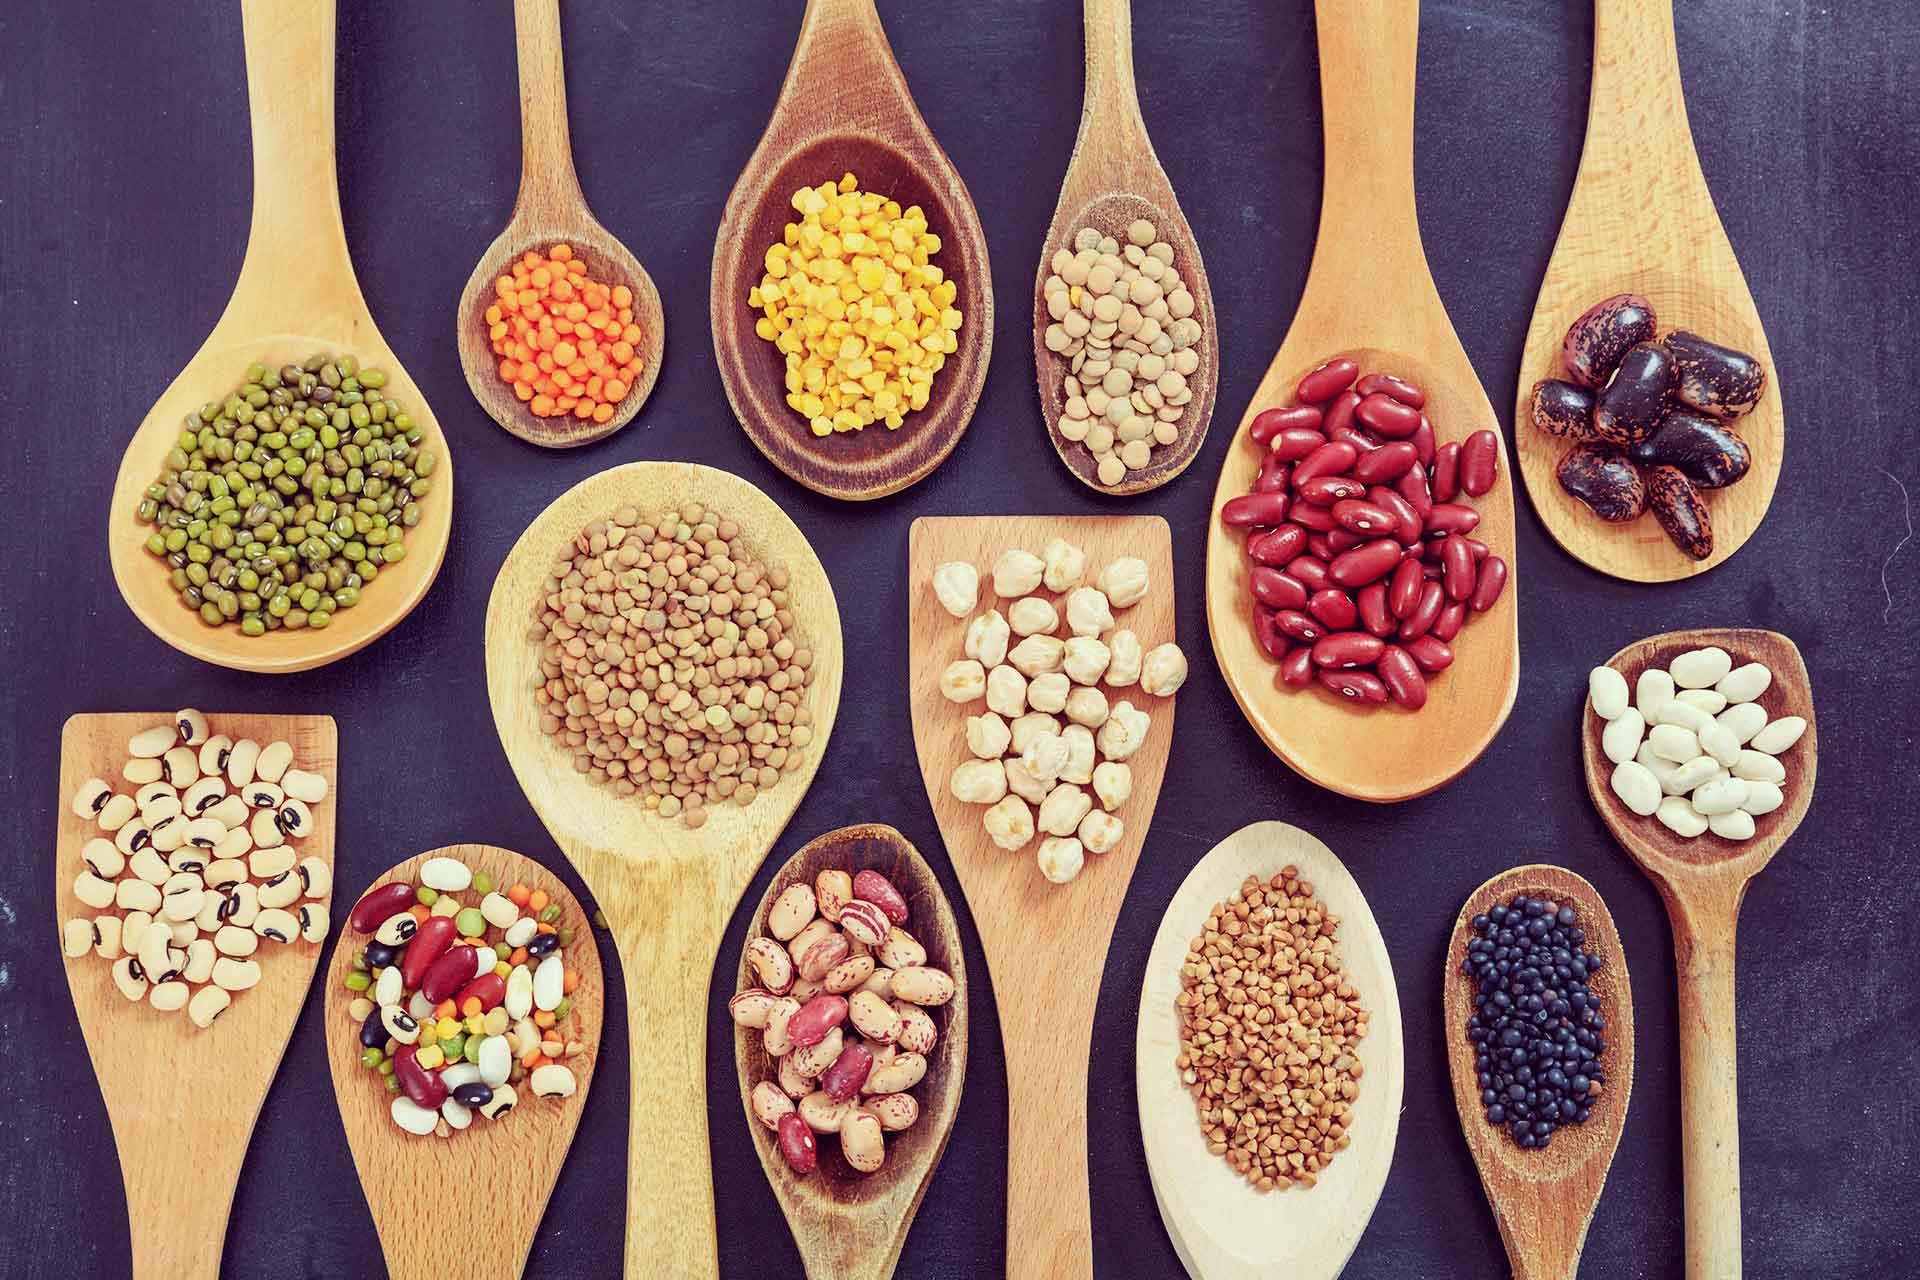 Castilla-La Mancha, la región puntera en el cultivo ecológico de legumbres y cereales en España